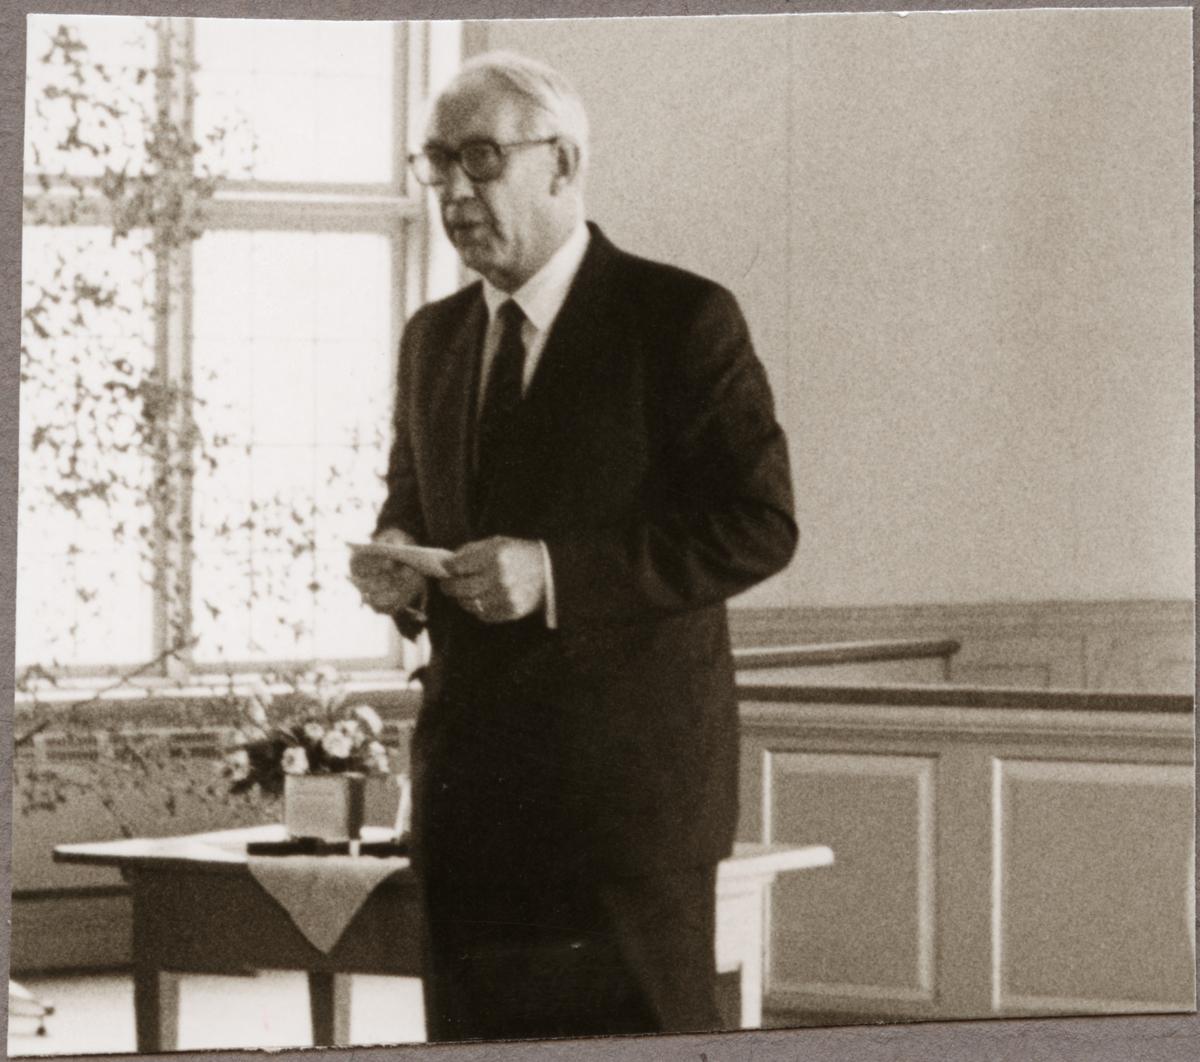 Ragne Johanson talar på Trafikaktiebolaget Grängesberg - Oxelösunds Järnvägar, TGOJ-dagen i Järnboås kyrka utanför Nora den 27 maj 1988.